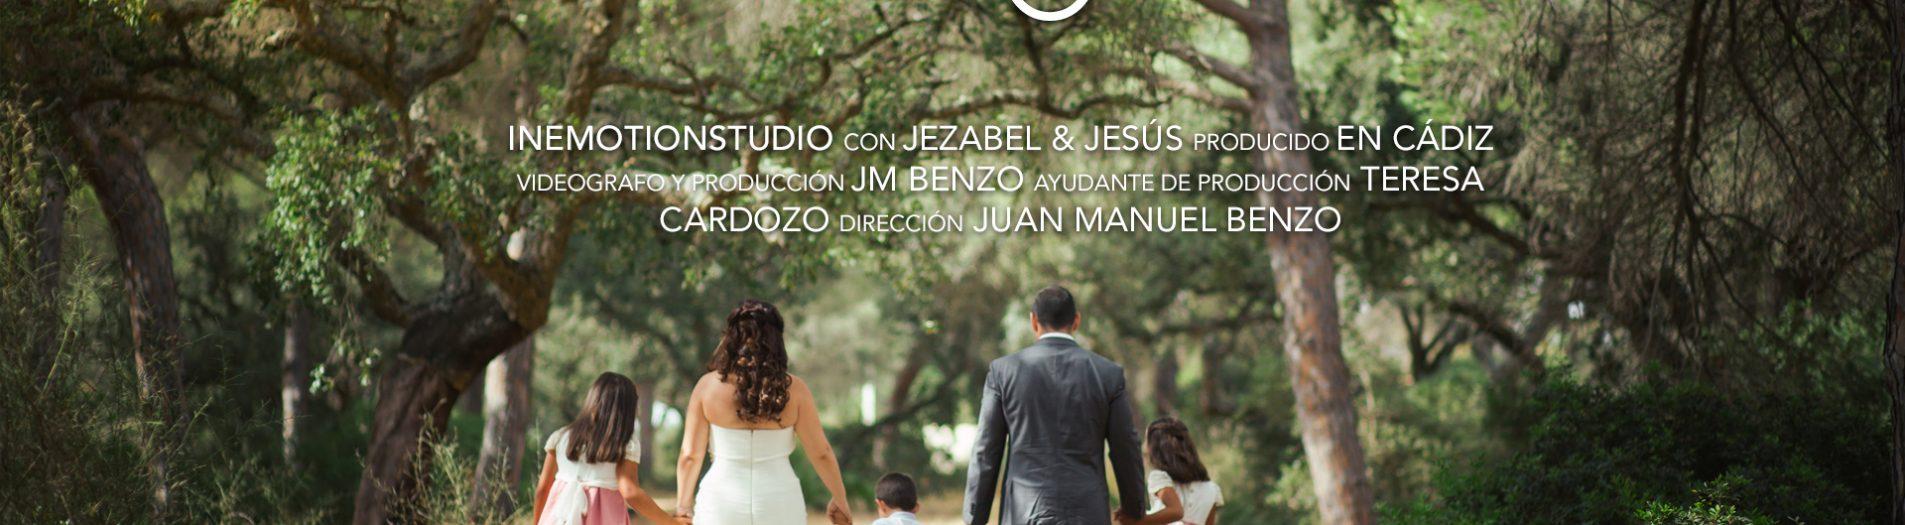 Trailer boda Jezabel & Jesús en Cádiz